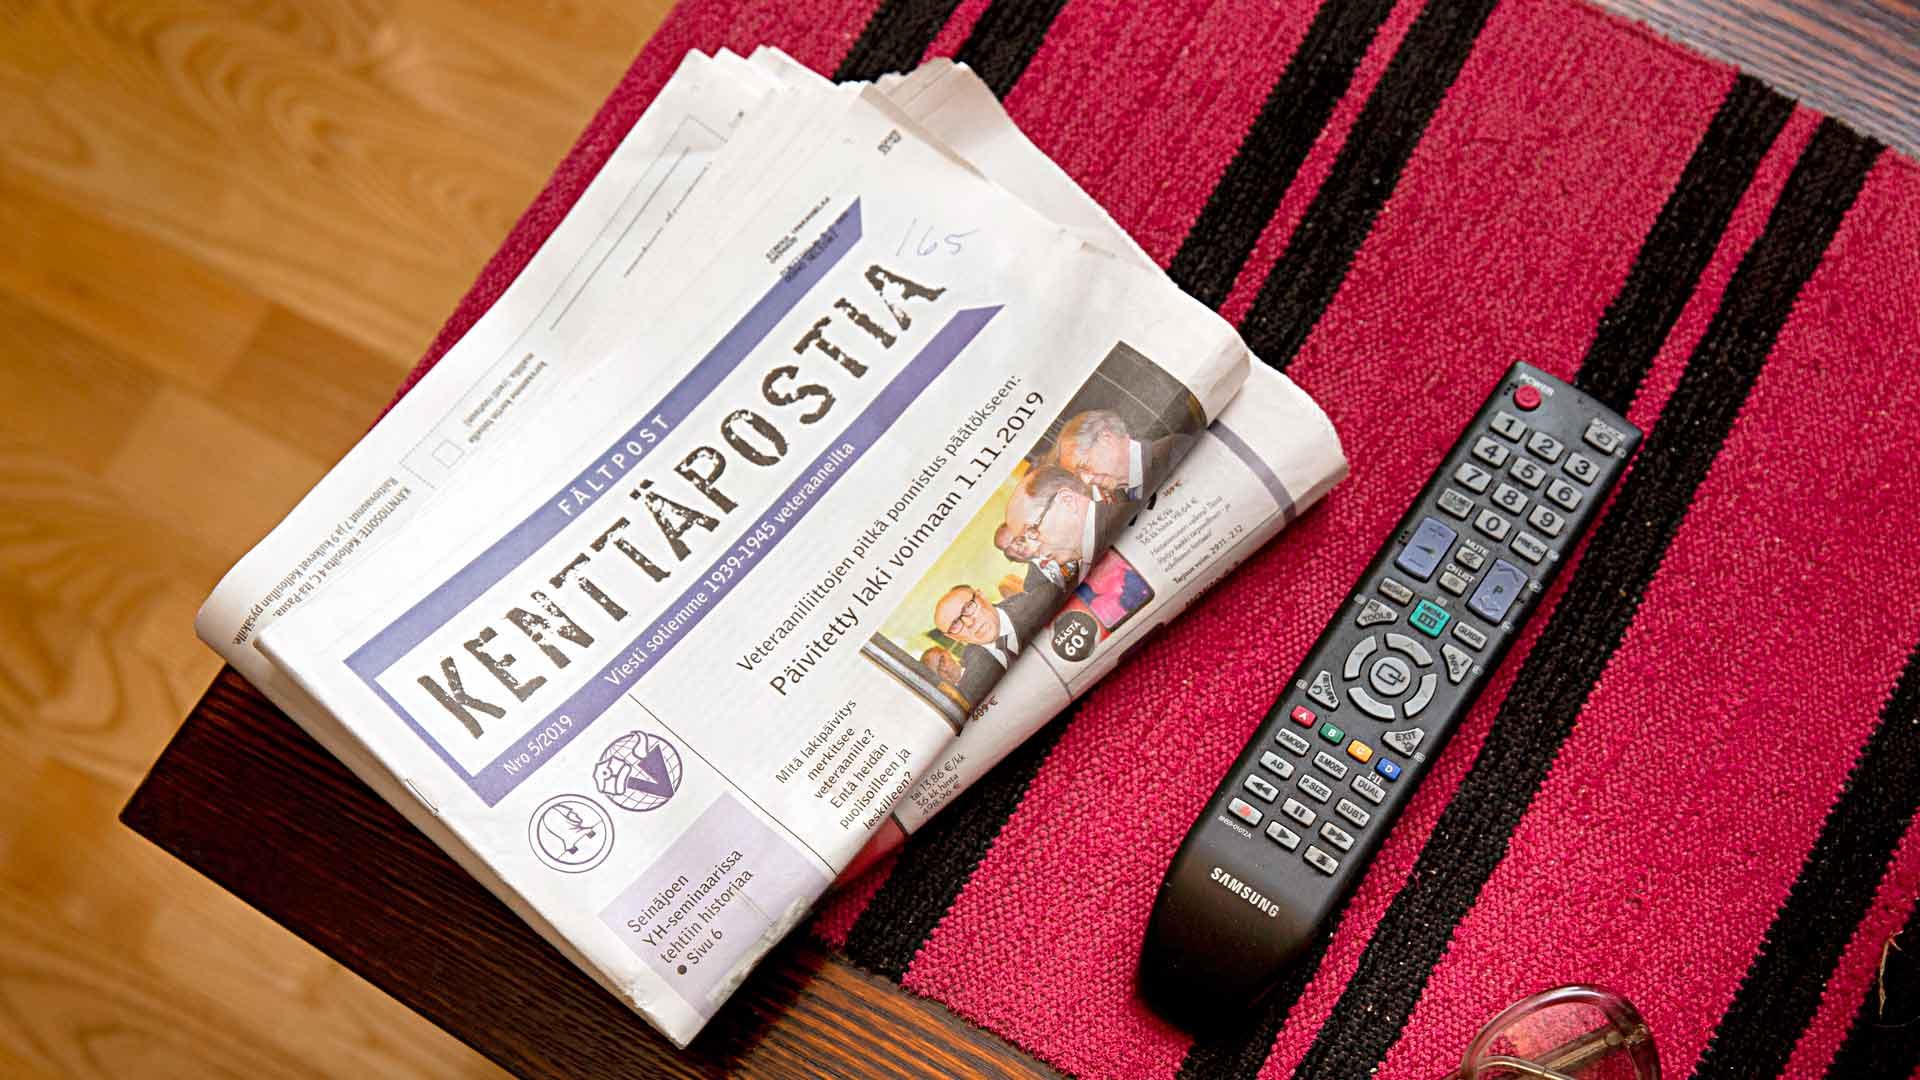 Lapsuuden ja nuoruuden aikaiset sotakokemukset evakkona ja pikkulottana tulvivat Sirkka Vahvaselän mieleen nyt talvisodan juhlavuonna. Hänen kotiinsa tulee Kenttäpostia-lehti.